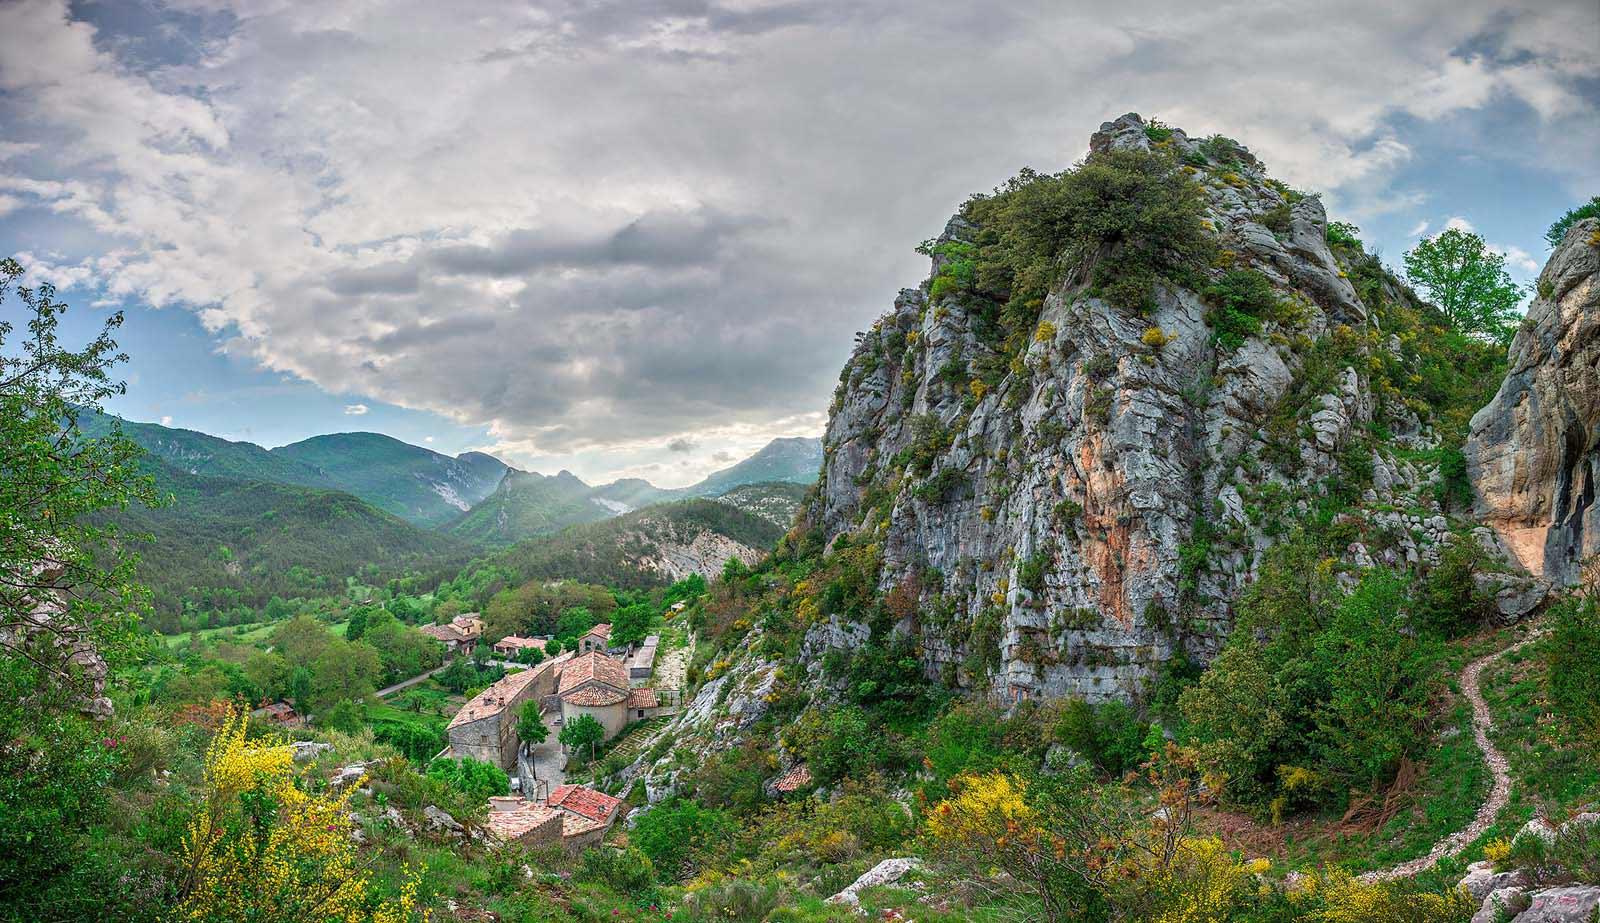 Gars, Alpes-Maritime, Provence: Frühlingsabend im duftenden Thymian. Zweizeiliges Panorama, zusammengesetzt aus 44 Aufnahmen. Originalgröße 210x120 cm | © Reinhard Podolsky